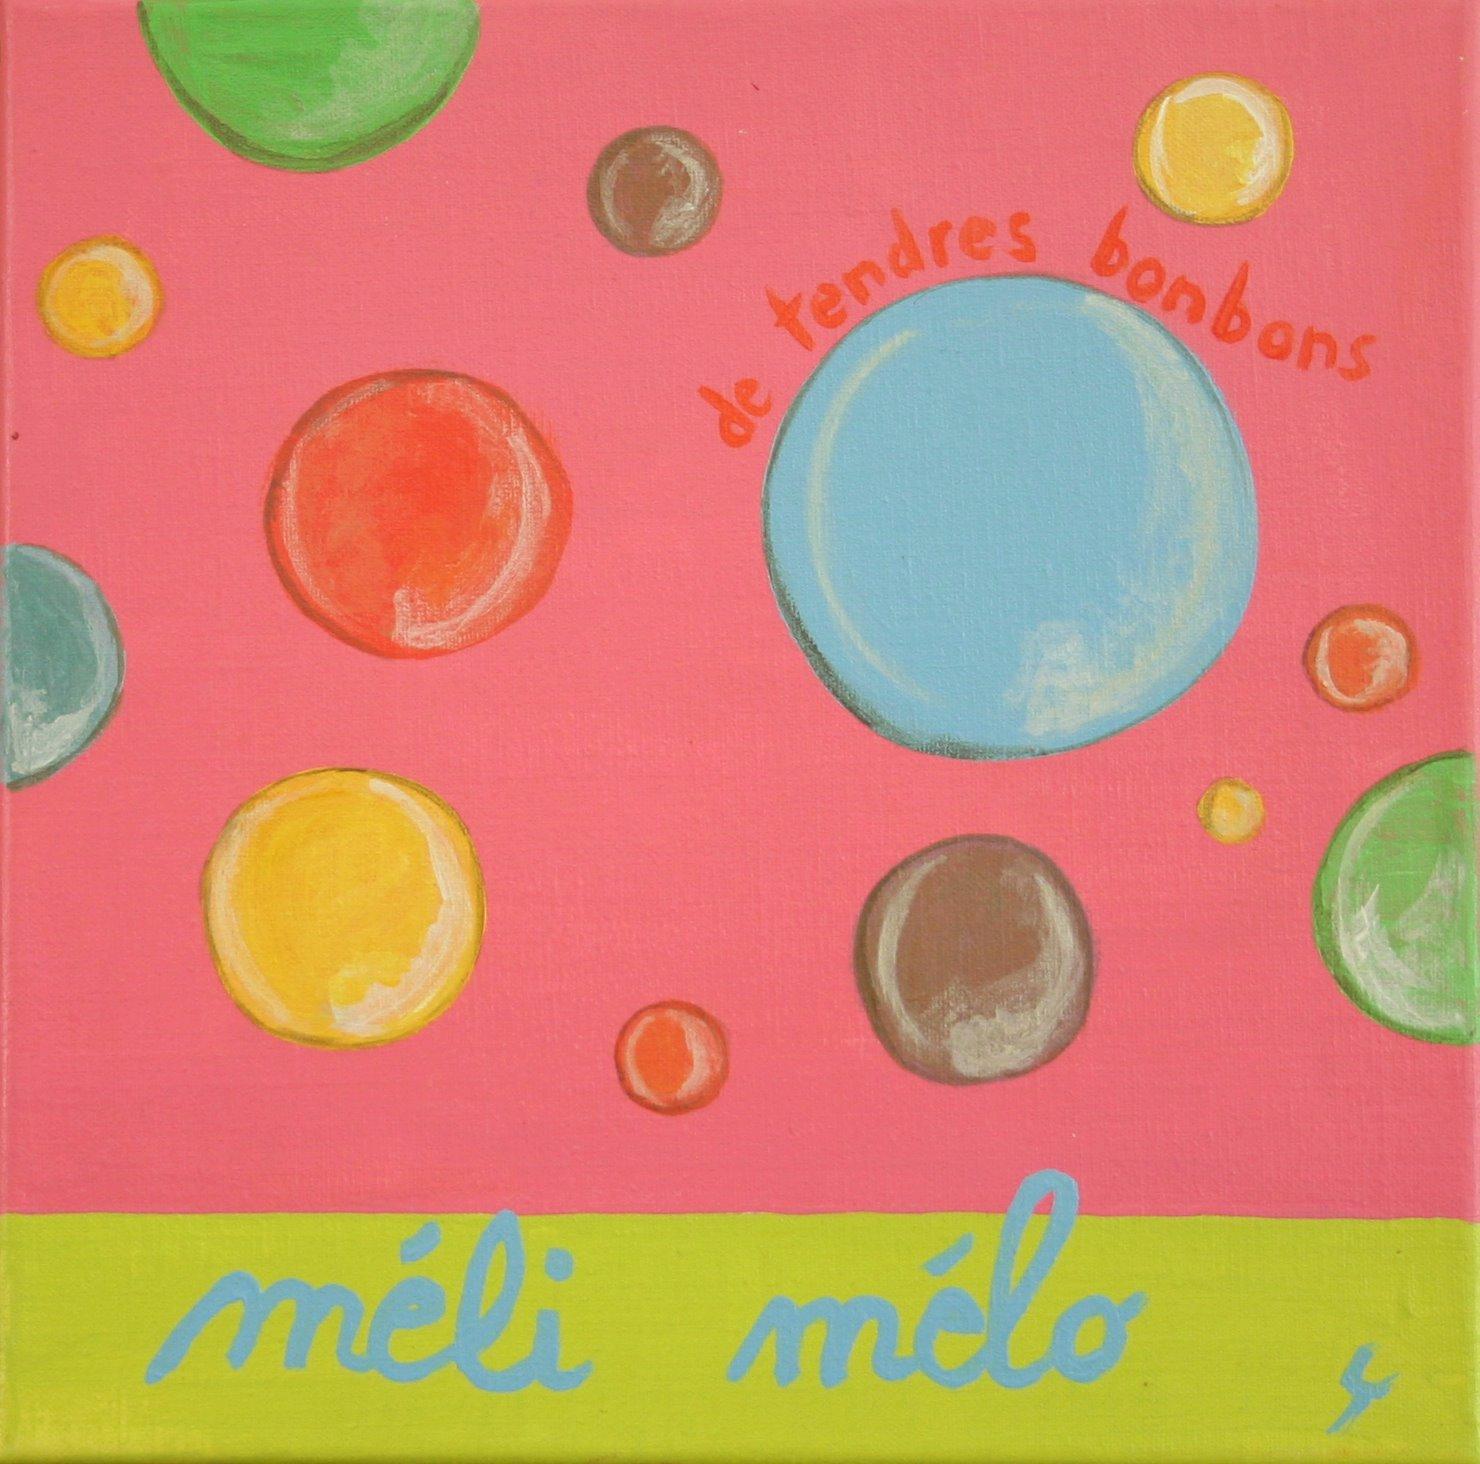 Tableau Contemporain, Méli mélo Rose. Sophie Costa, artiste peintre.